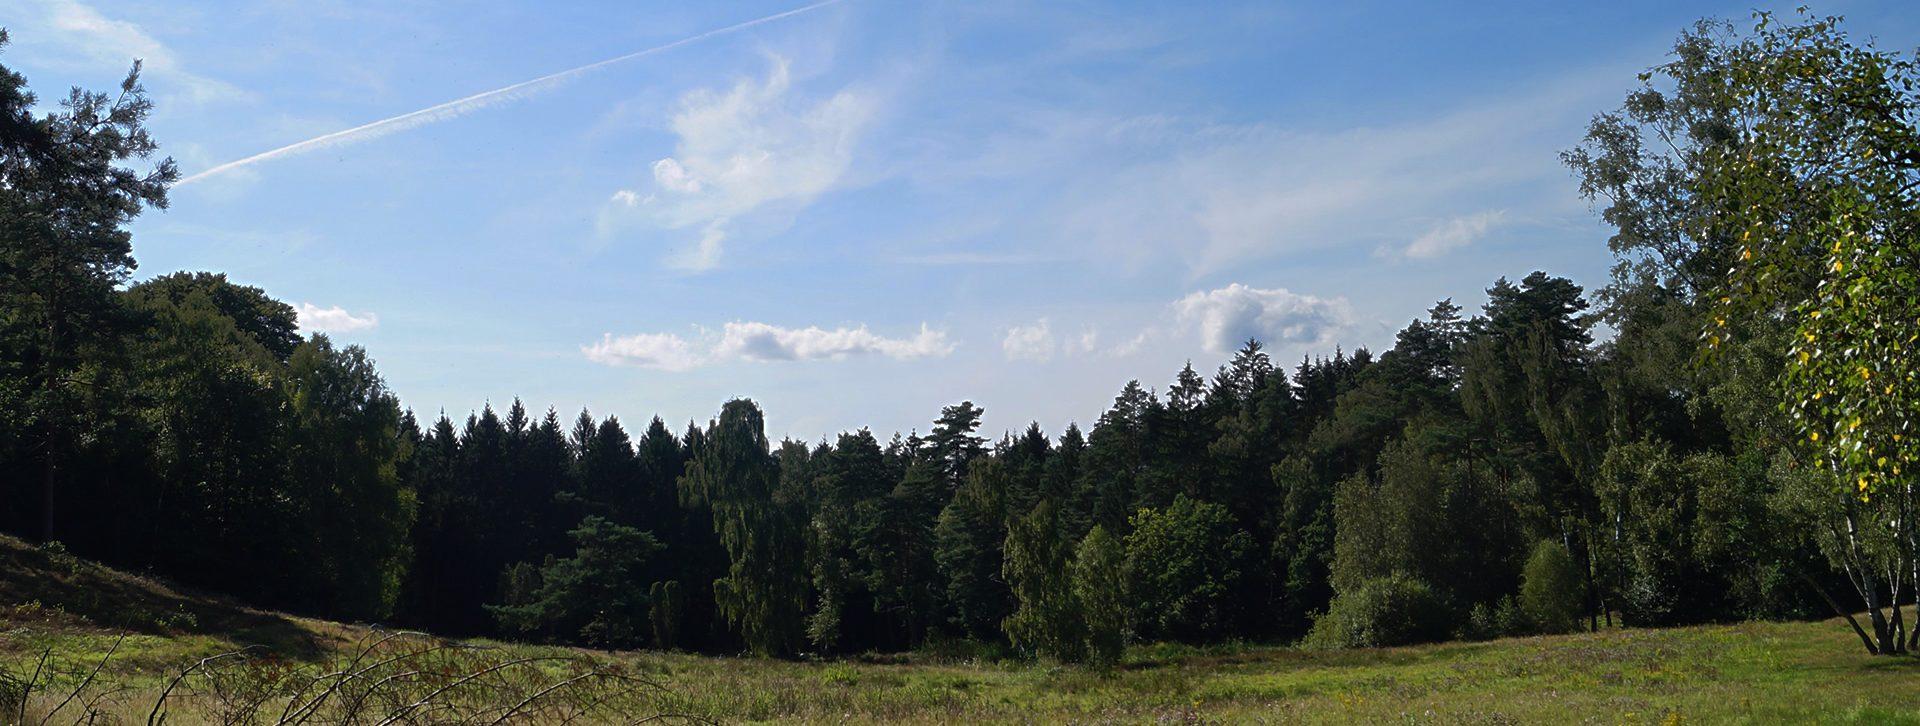 Woelke Garten- und Landschaftsbau GmbH